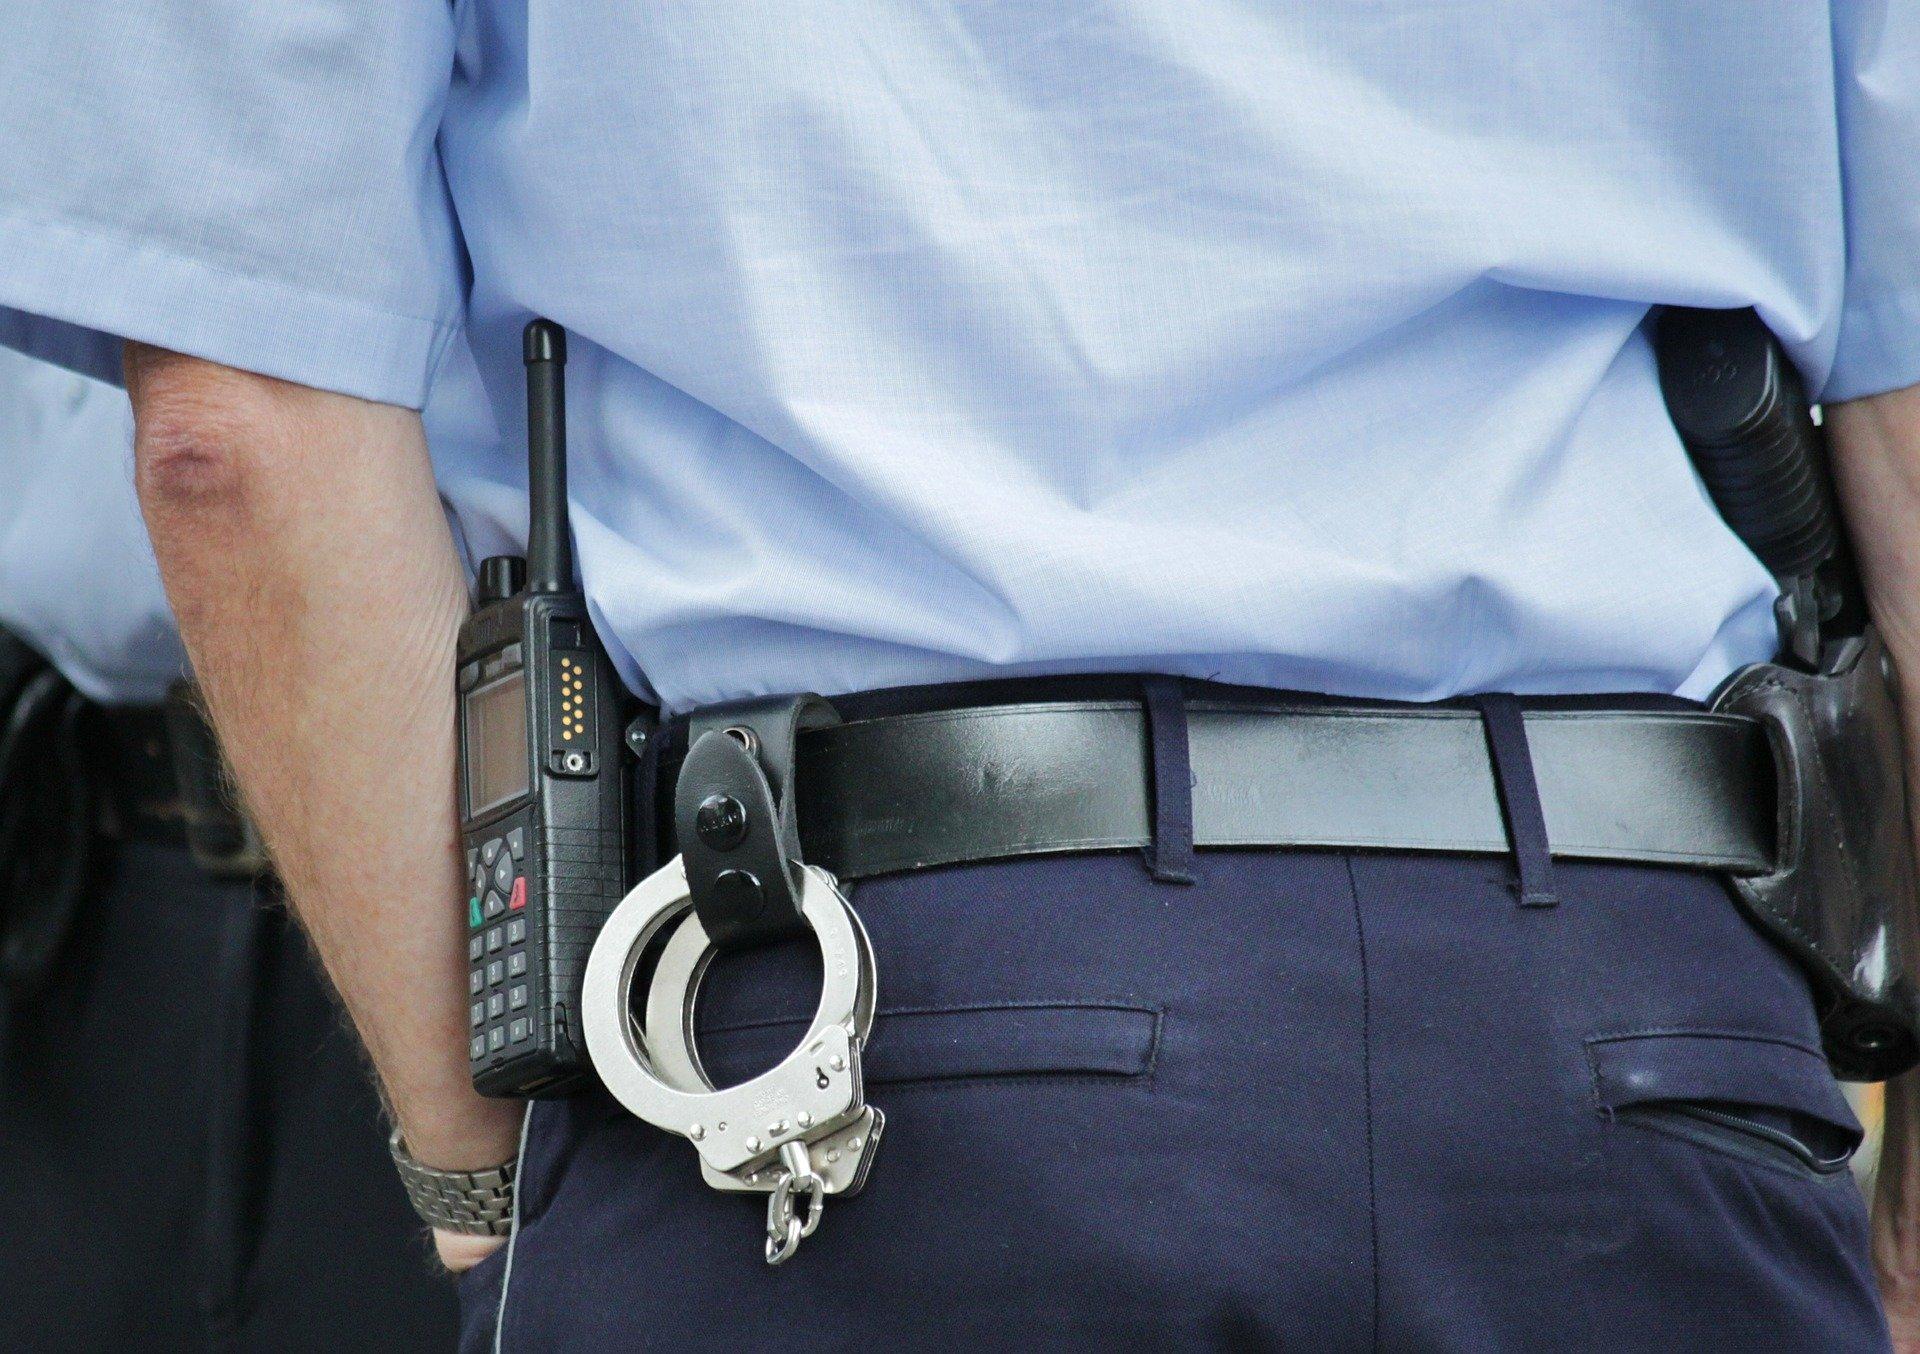 Politie zou meer uit herstelrecht kunnen halen, kennis ontbreekt - Mr. online